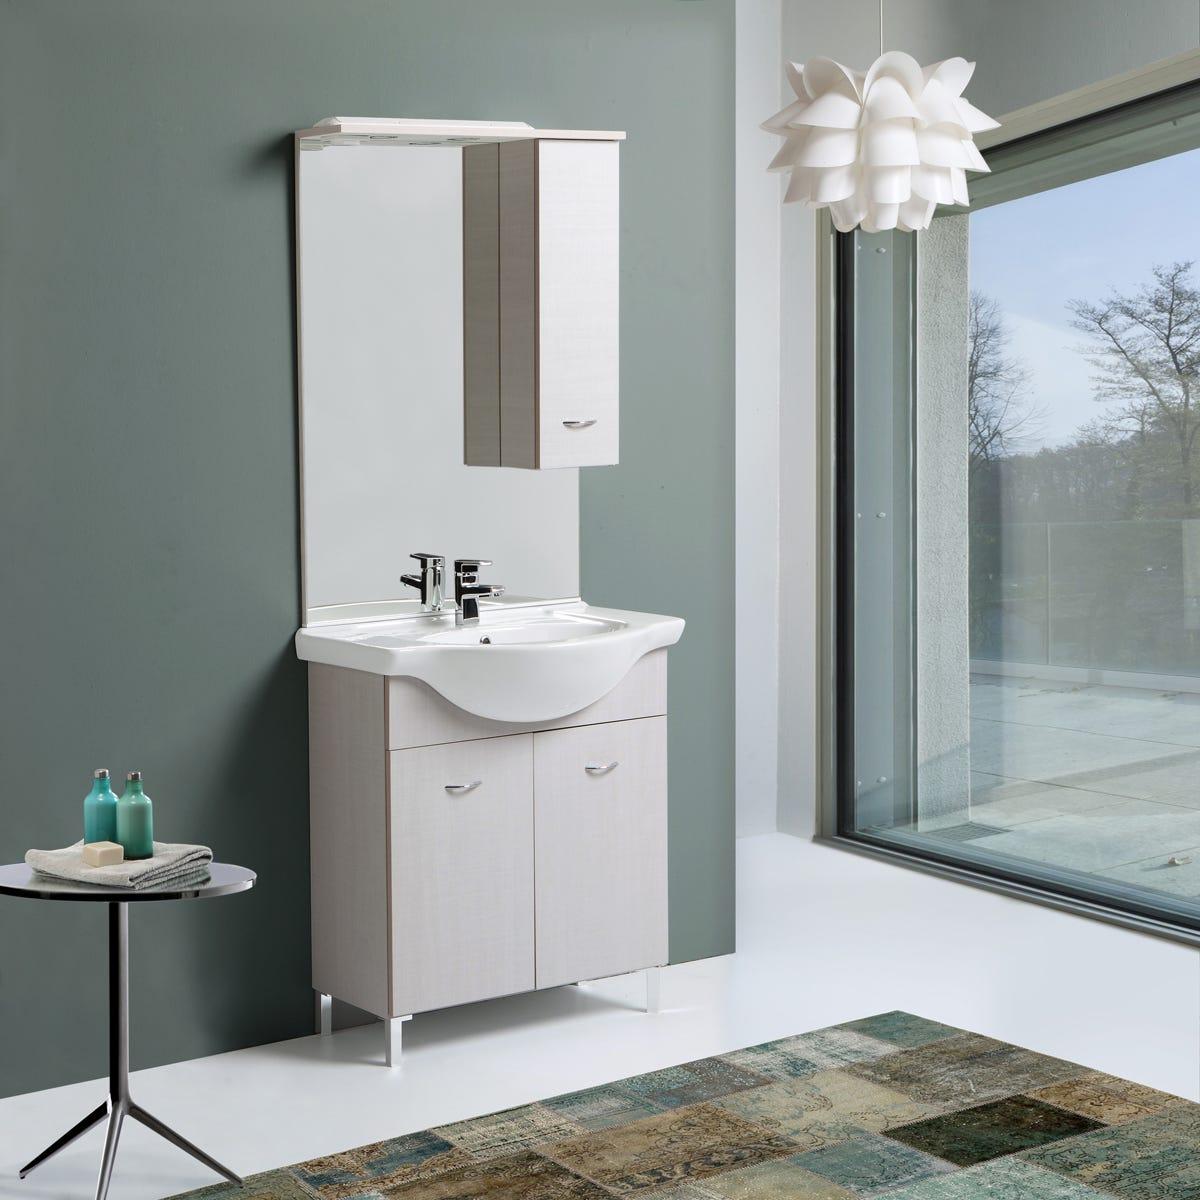 Mobile bagno da 75 cm con lavabo in ceramica  eBay